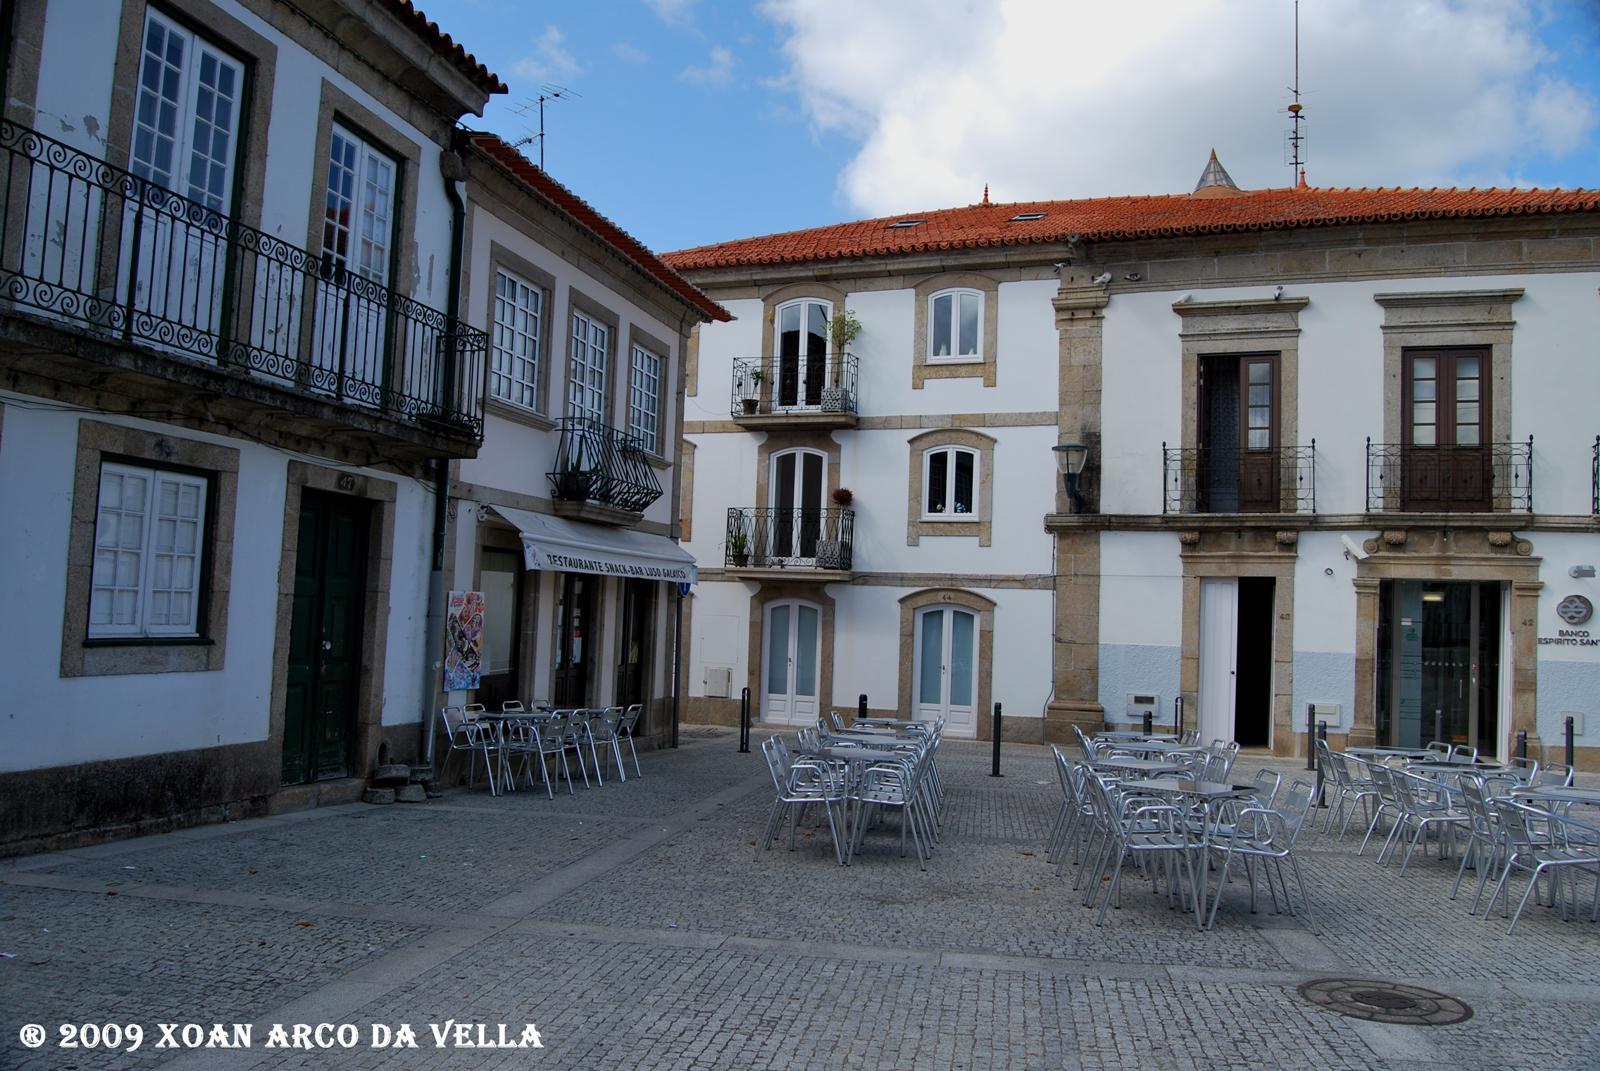 Vila Nova de Cerveira Portugal  city images : XOAN ARCO DA VELLA: VILA NOVA DE CERVEIRA PORTUGAL